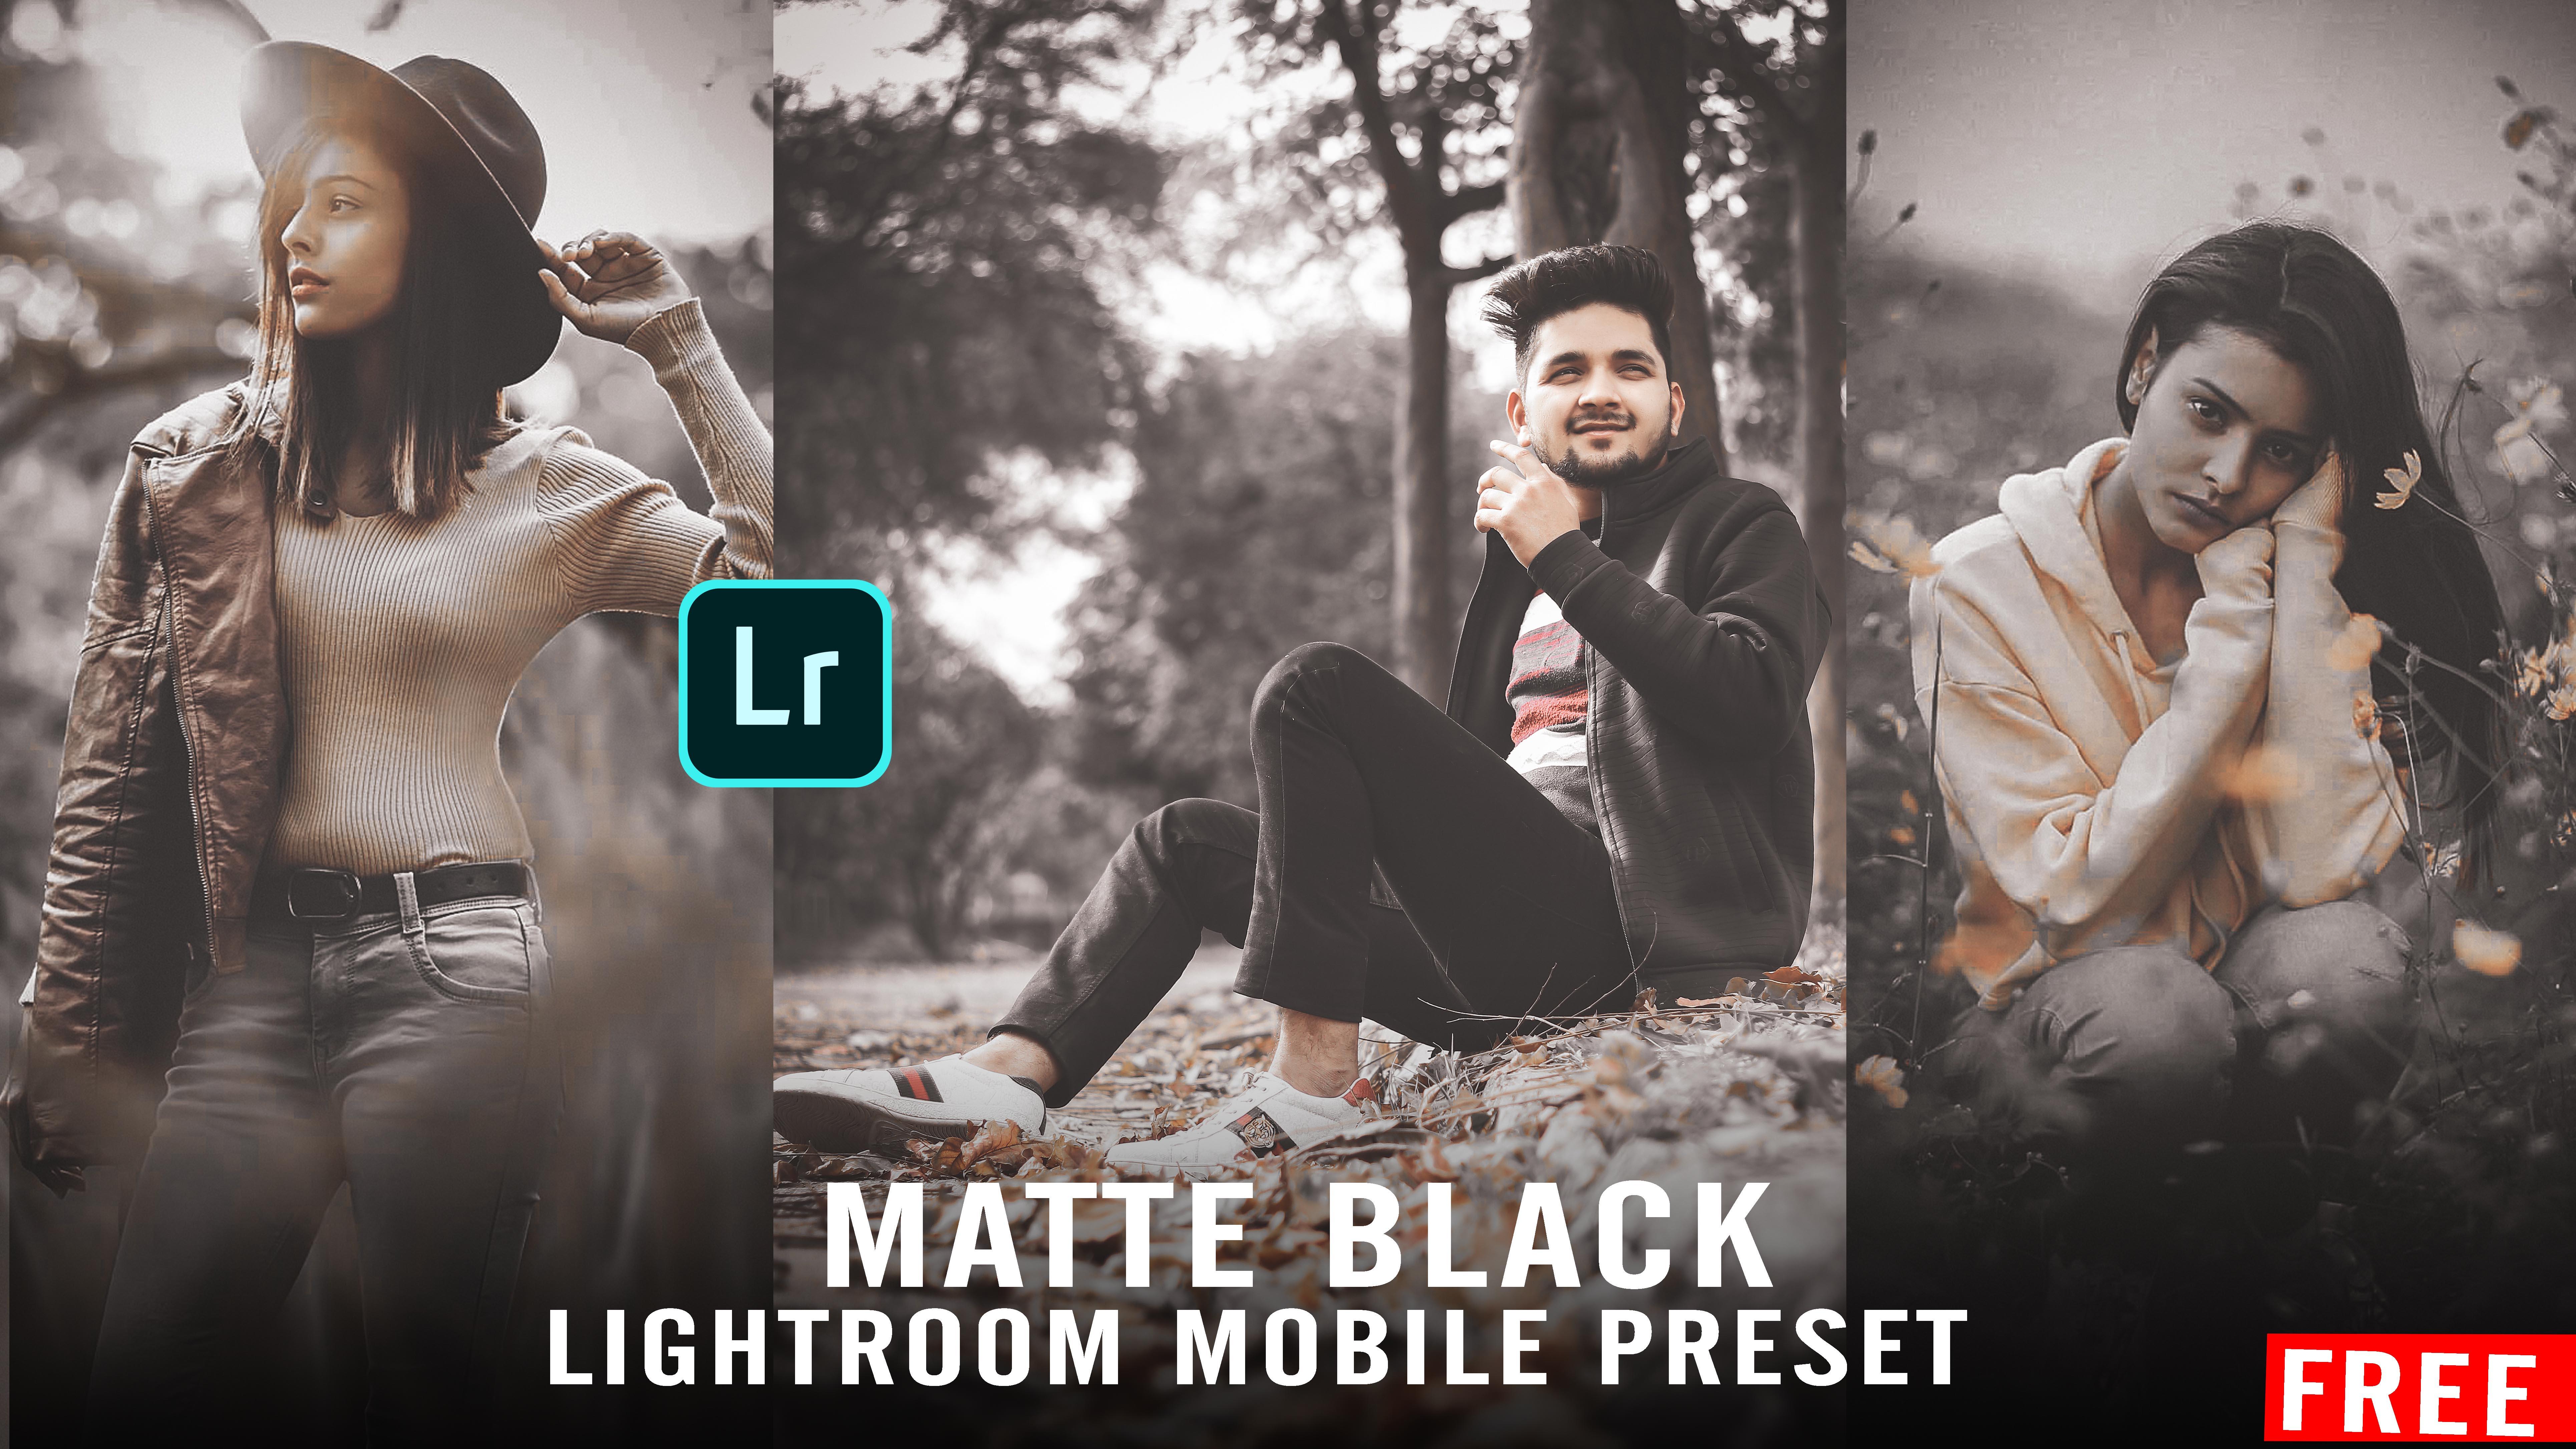 matte black lightroom preset - free lightroom mobile moody preset